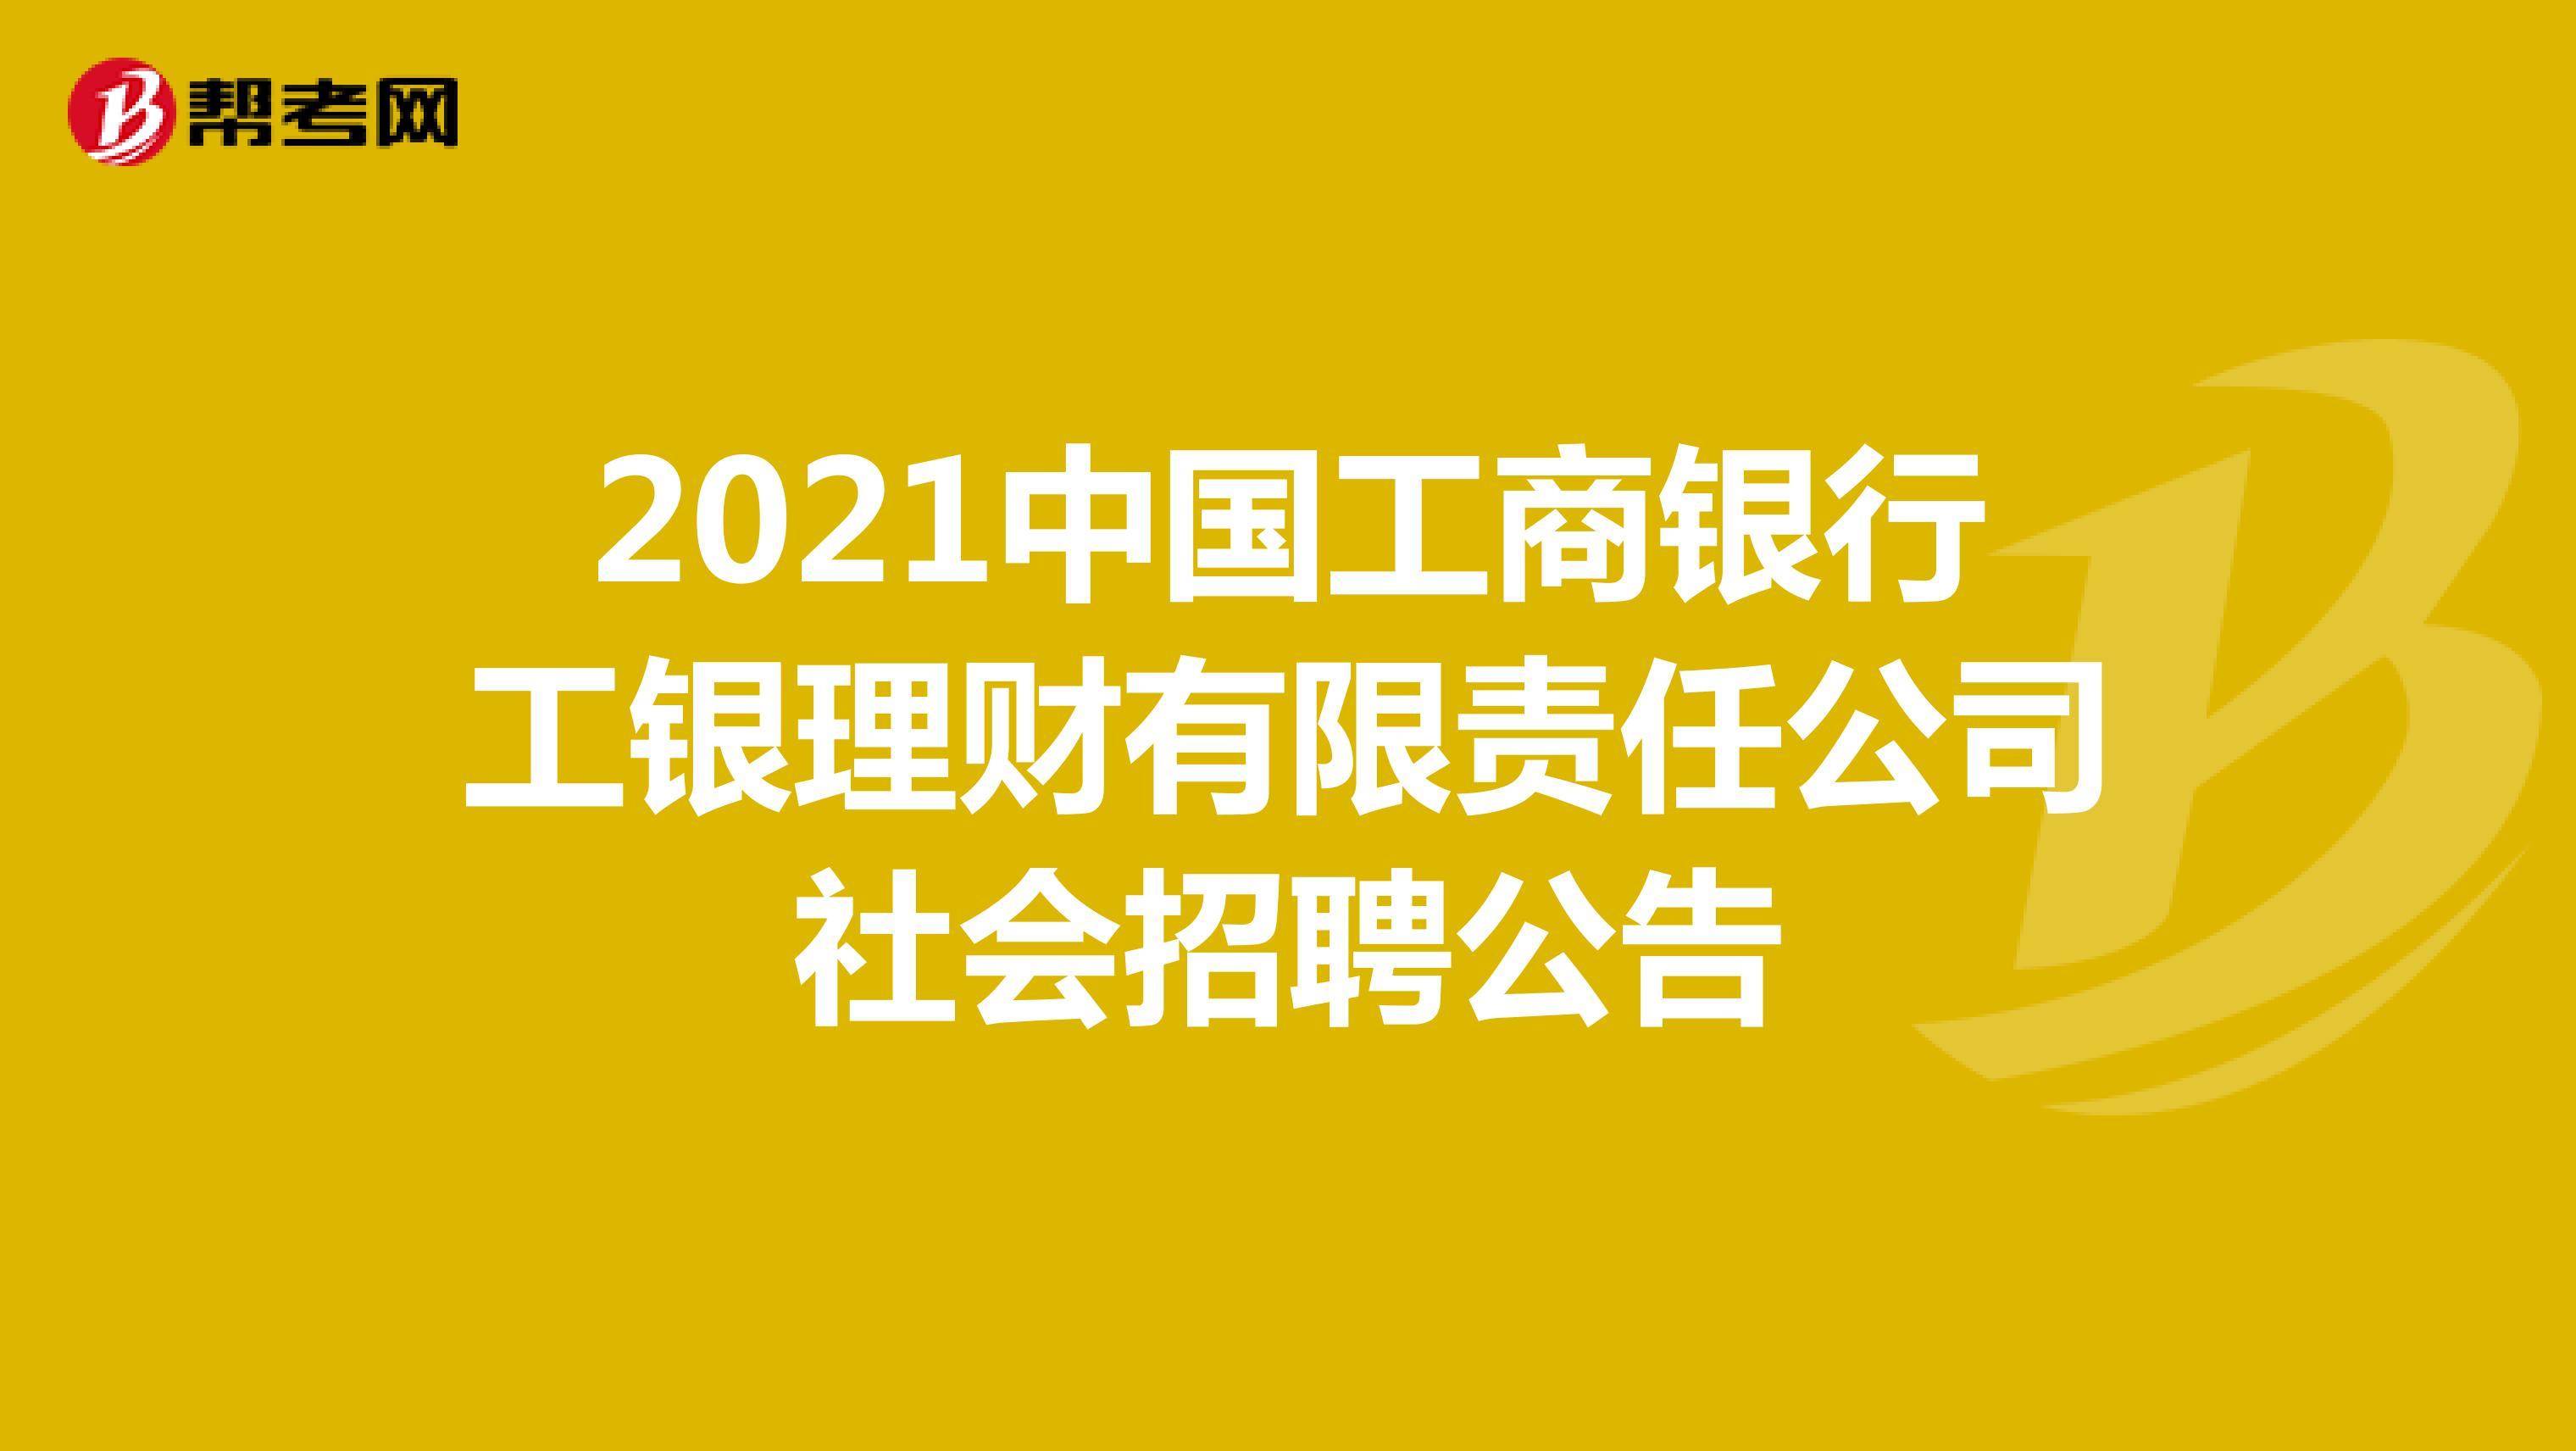 2021中国工商银行工银理财有限责任公司社会招聘公告